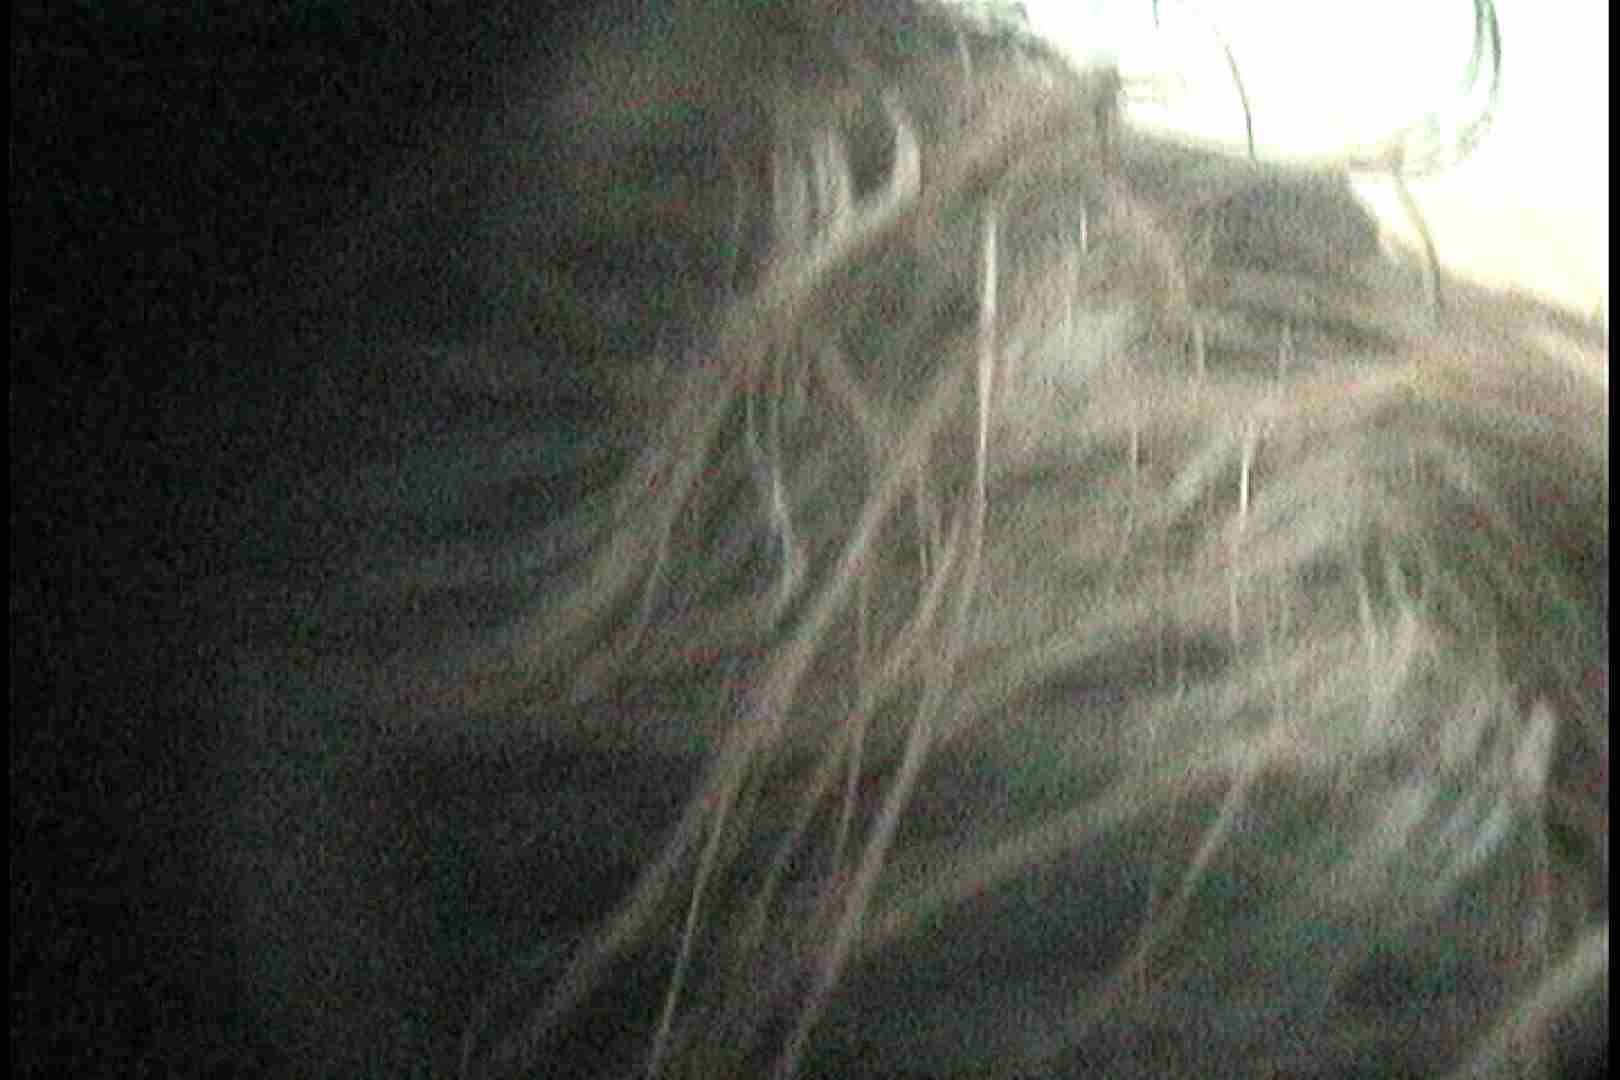 No.16 アニマル柄の水着 レースのパンツにナプキンを装着する金髪お女市さん 接写 覗きおまんこ画像 75pic 29